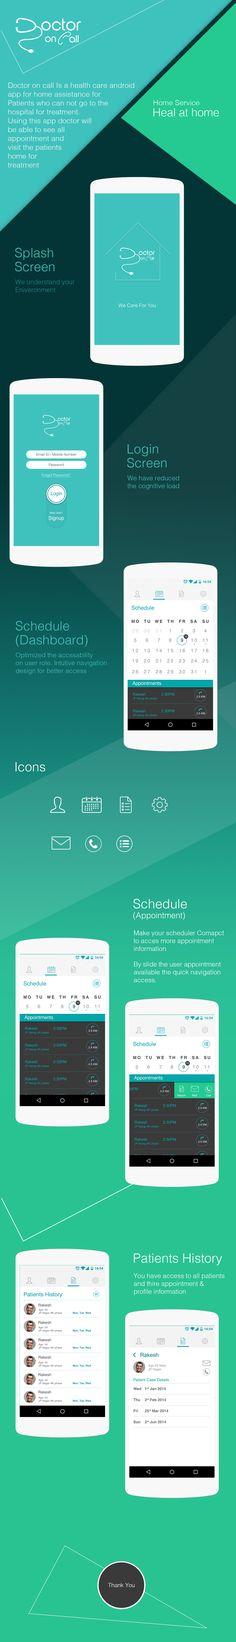 UIUX Work on Behance